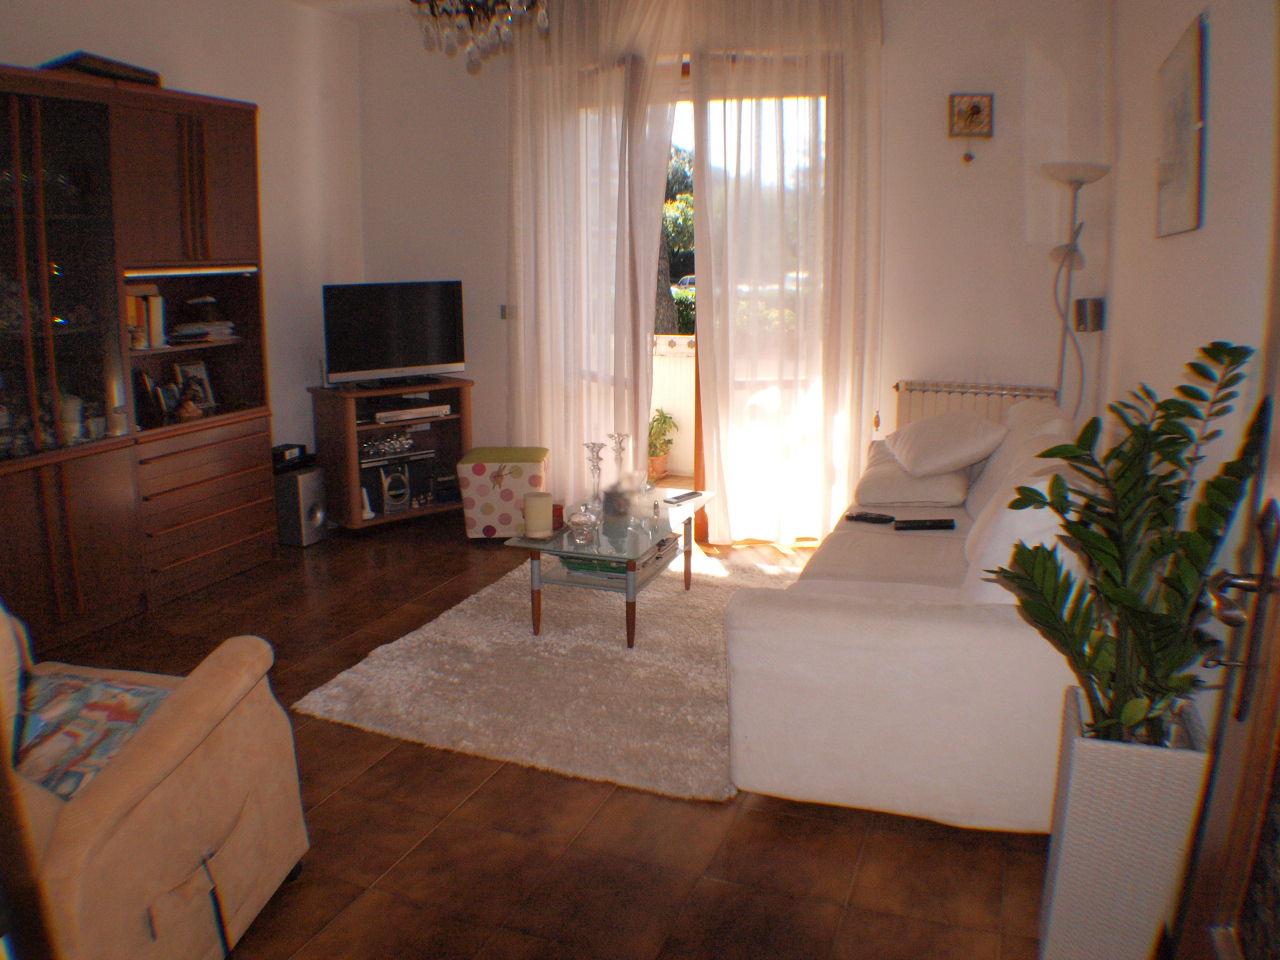 Appartamento in vendita a Mondolfo, 9999 locali, prezzo € 170.000 | CambioCasa.it